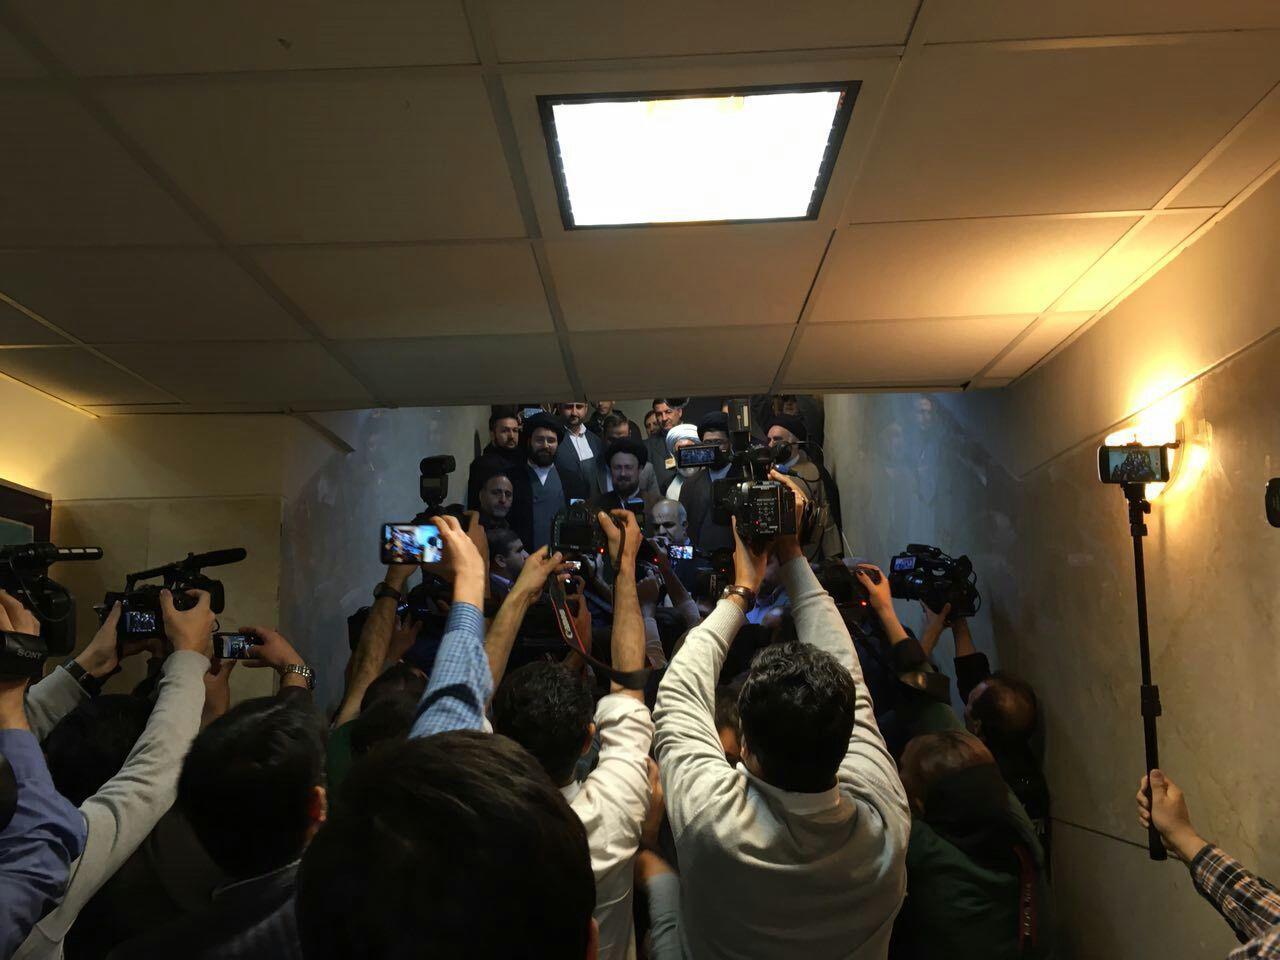 سید حسن خمینی برای انتخابات خبرگان ثبت نام کرد